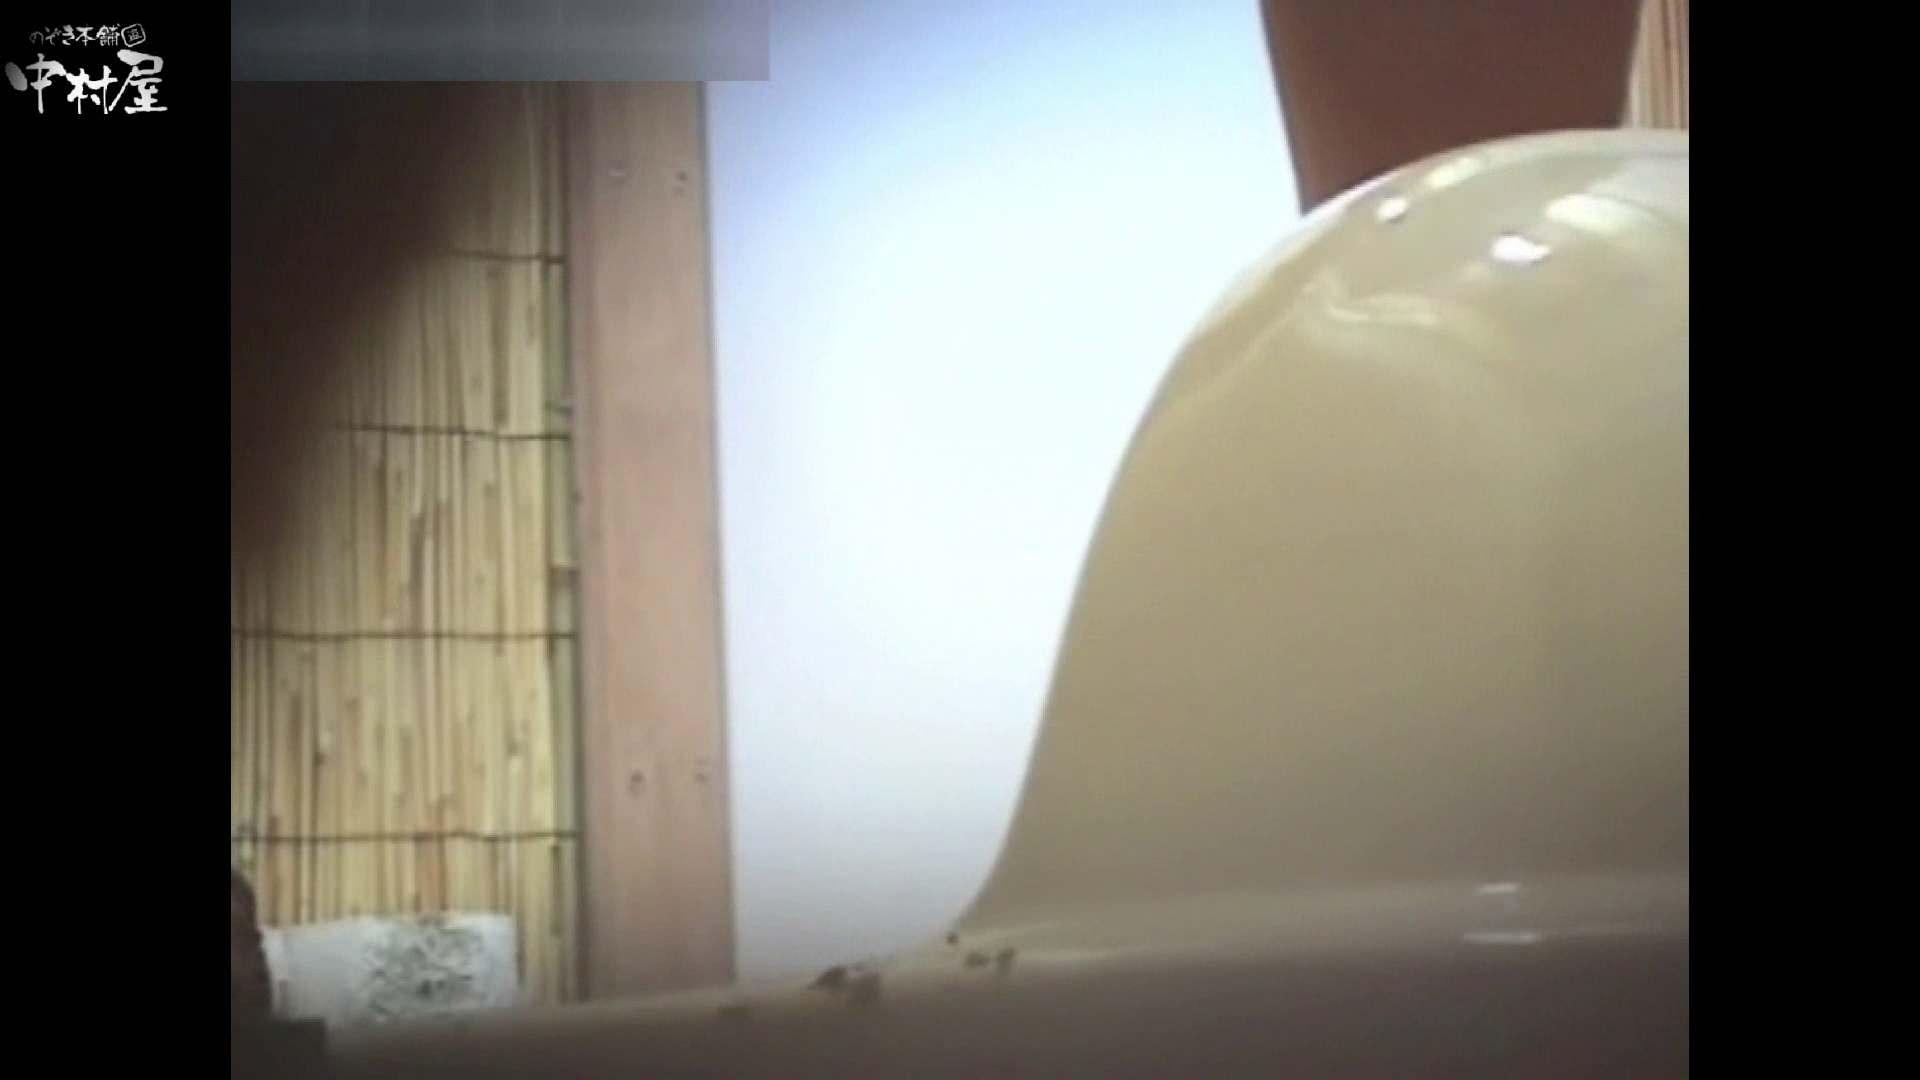 解禁!海の家4カメ洗面所vol.49 人気シリーズ 盗撮戯れ無修正画像 106画像 83